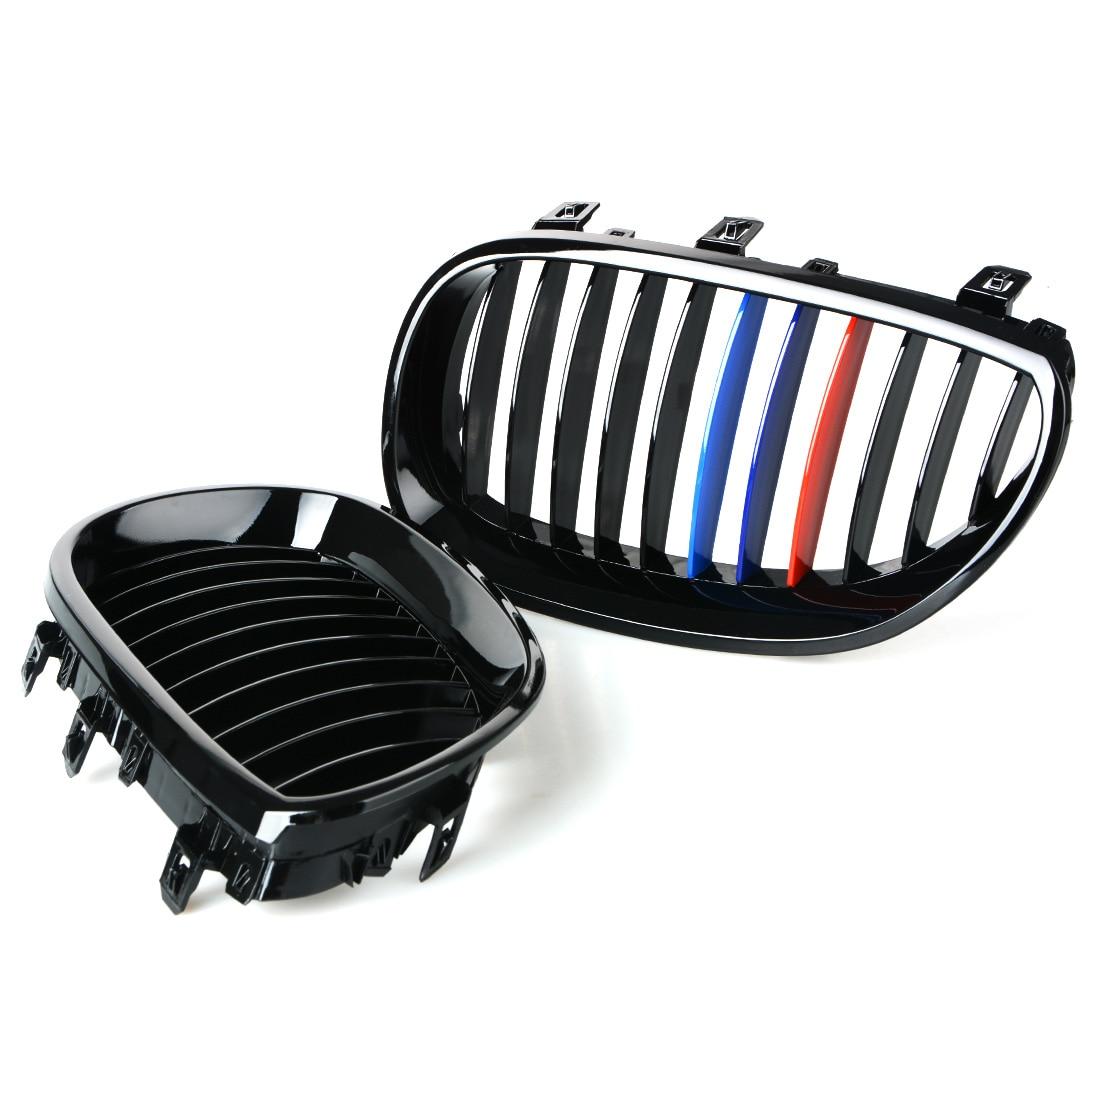 1 paire Mat Noir Pare-chocs Avant Rein Capot De Voiture Grill Racing Grille Pour BMW E60 E61 M5 5 Série 540i 530i 528i 2003-2009